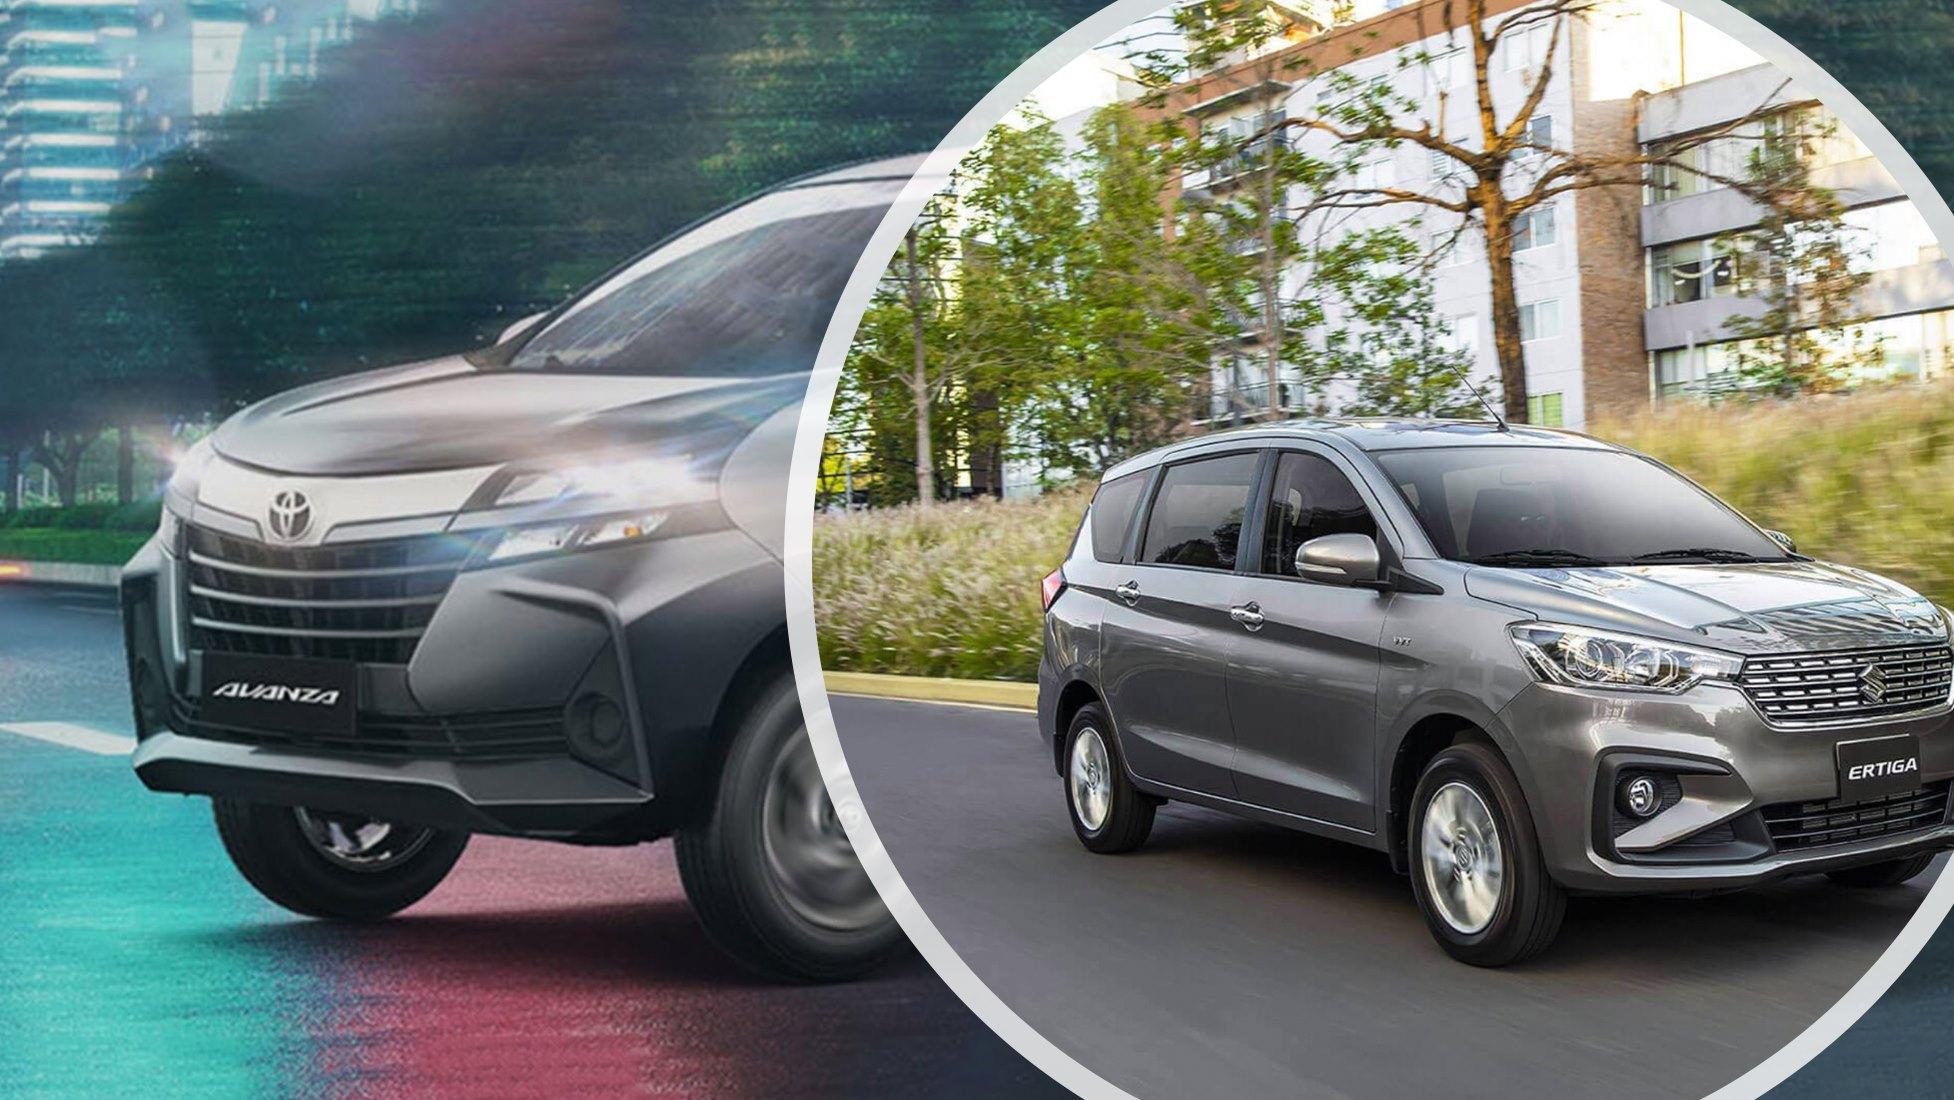 Suzuki Ertiga versus Toyota Avanza